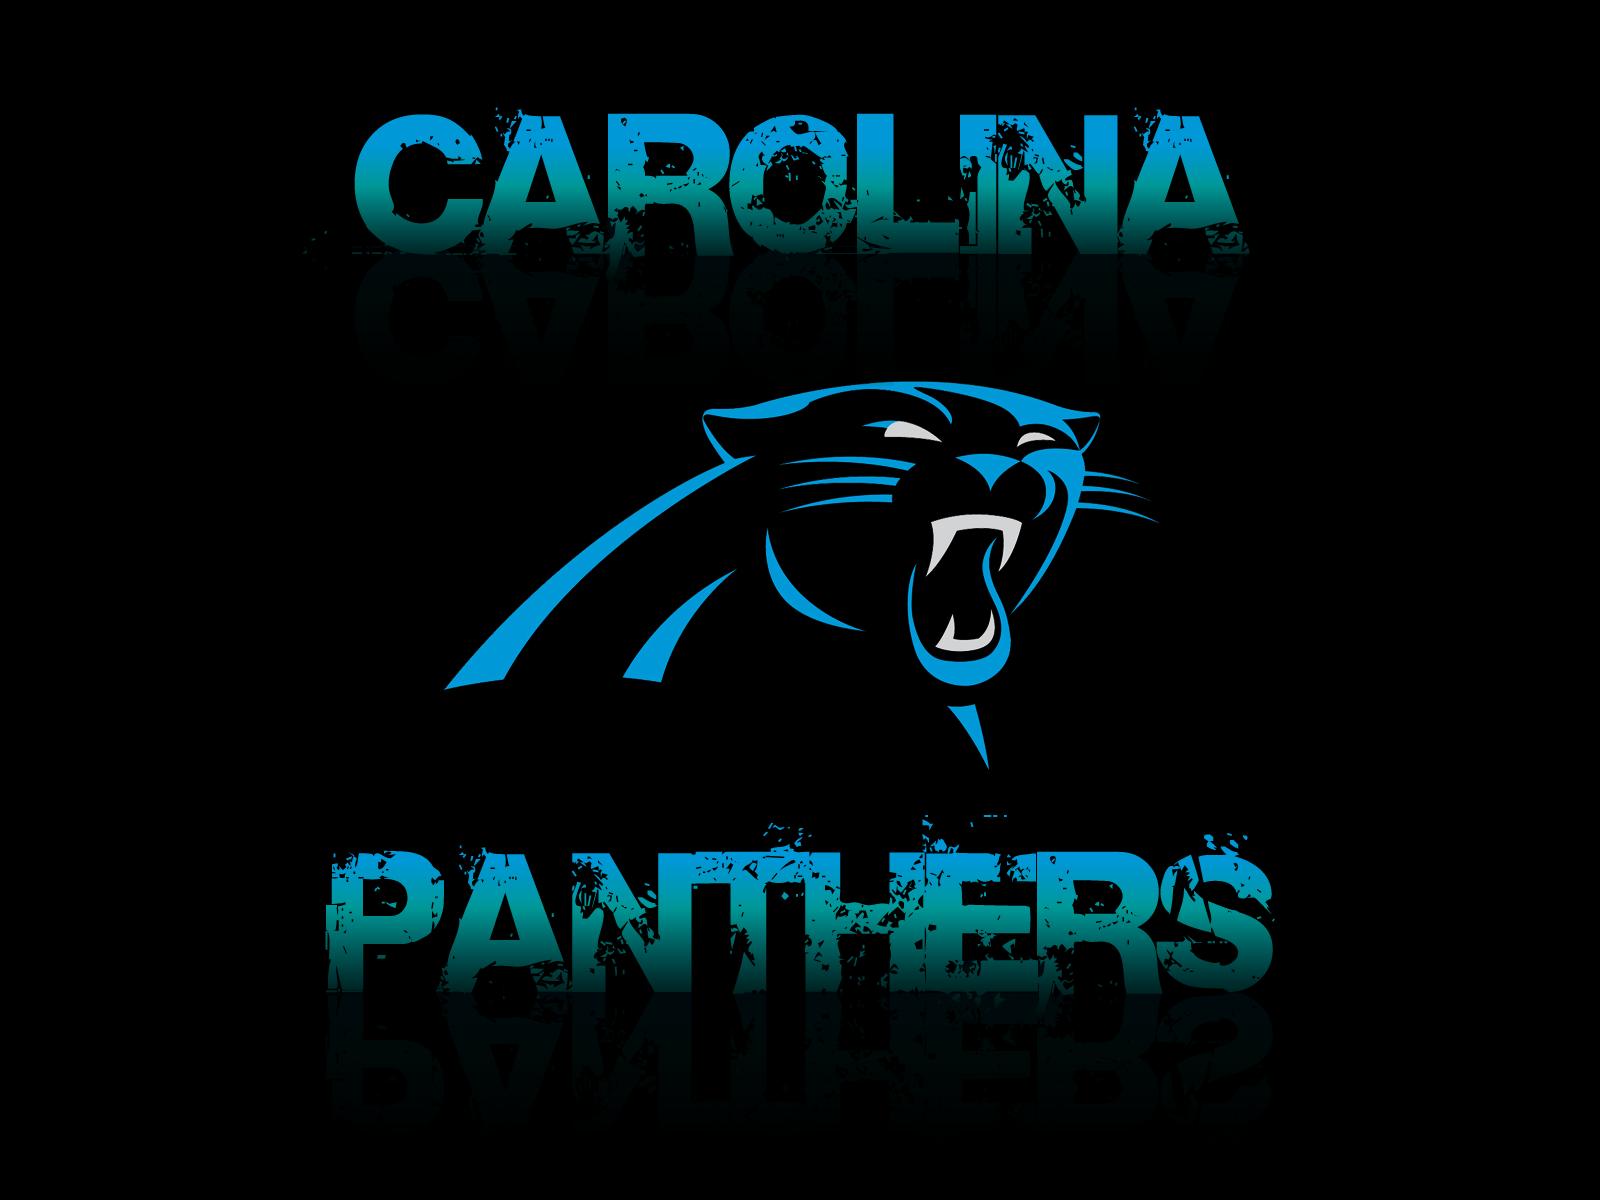 Carolina Panthers 1600x1200